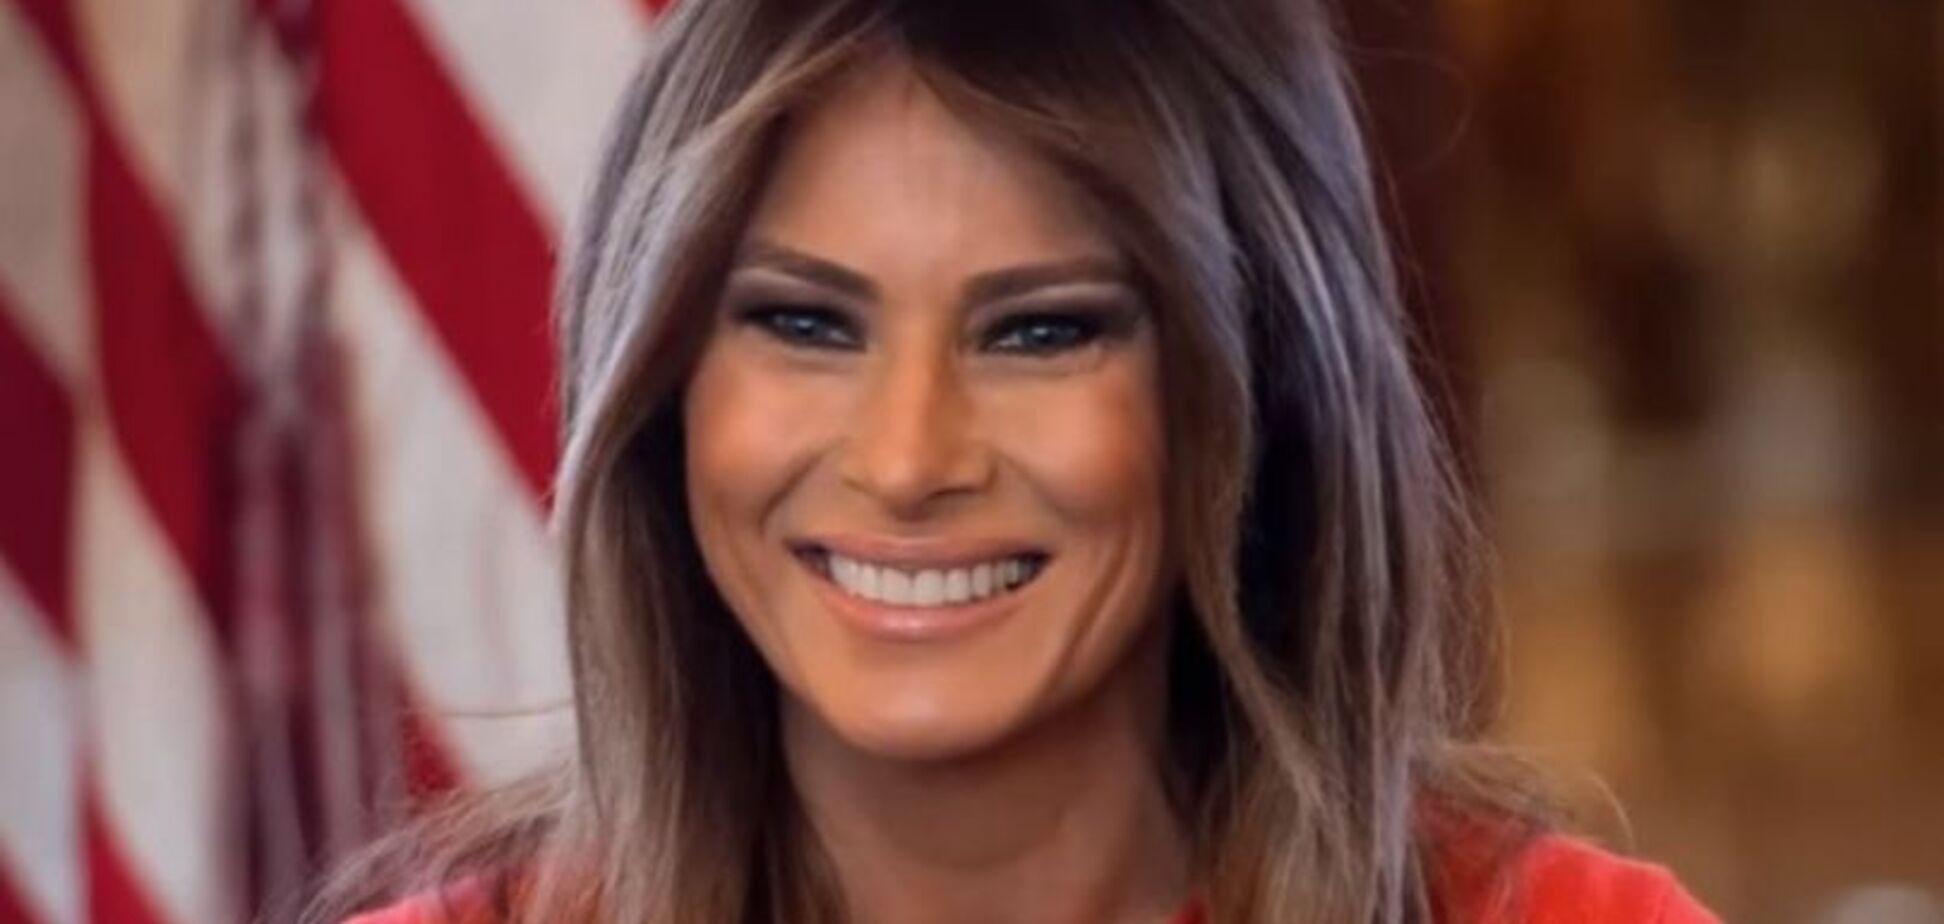 У Меланії Трамп пухлина: перша леді США розповіла про своє самопочуття